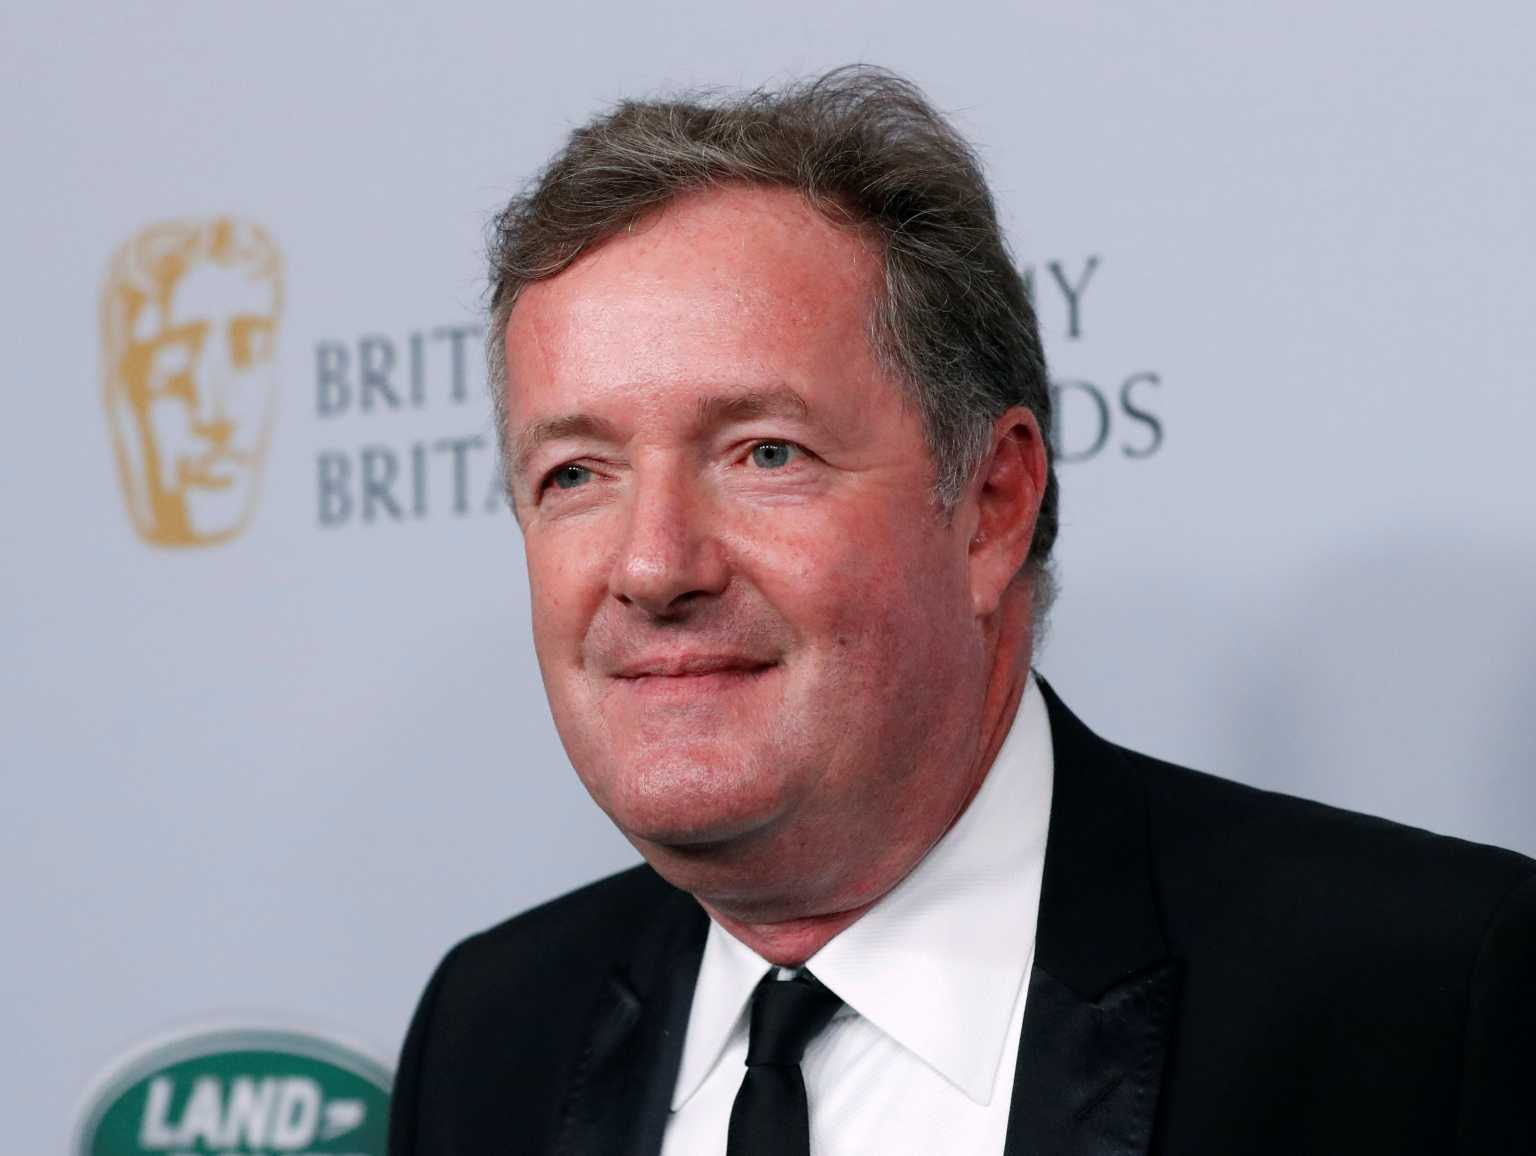 «Κόλαση» με την συνέντευξη Μέγκαν – Χάρι! Τέλος ο Πιρς Μόργκαν από το ITV (video)